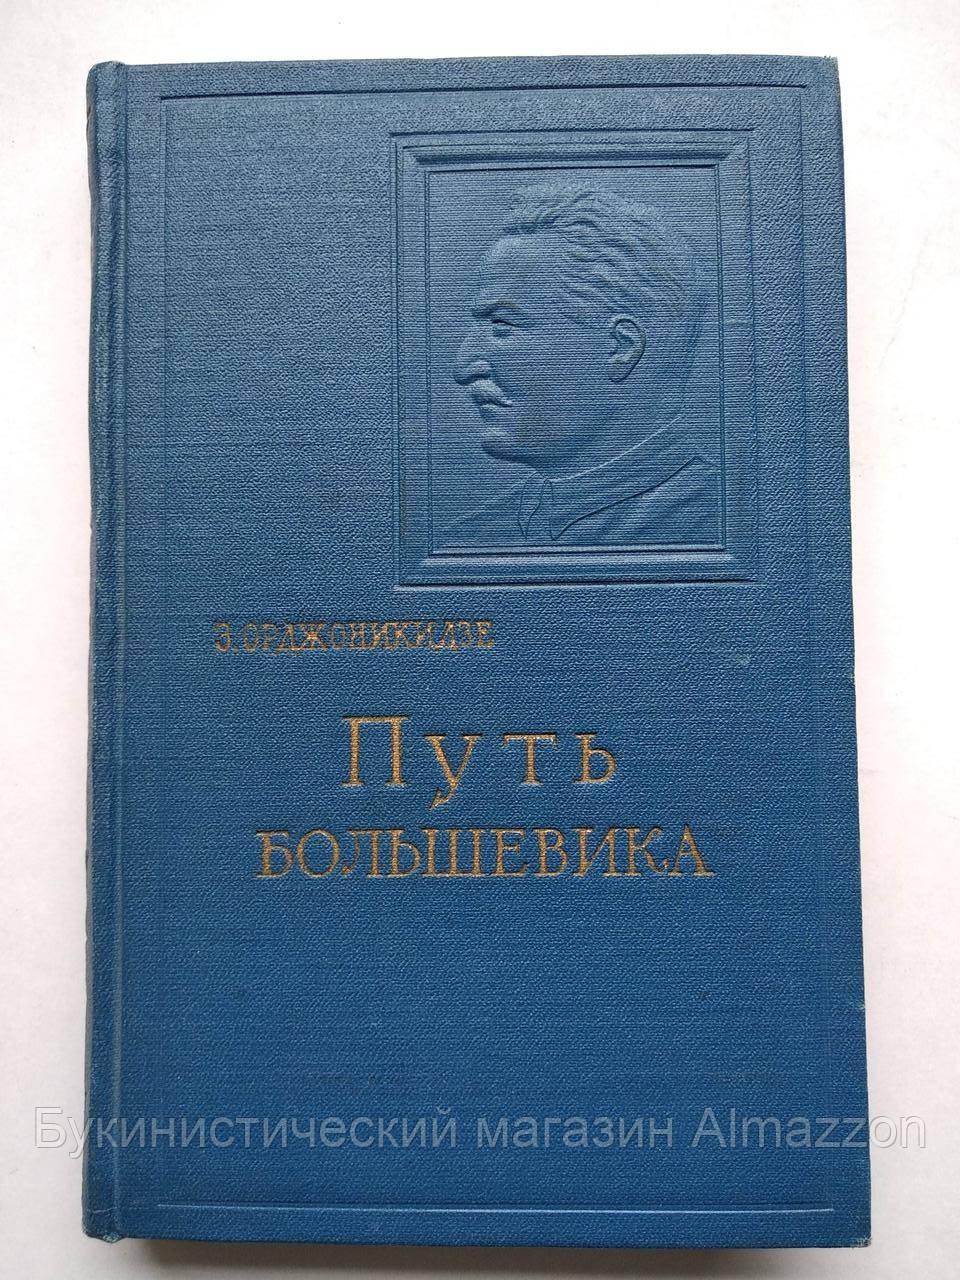 Путь Большевика З.Орджоникидзе 1956 год